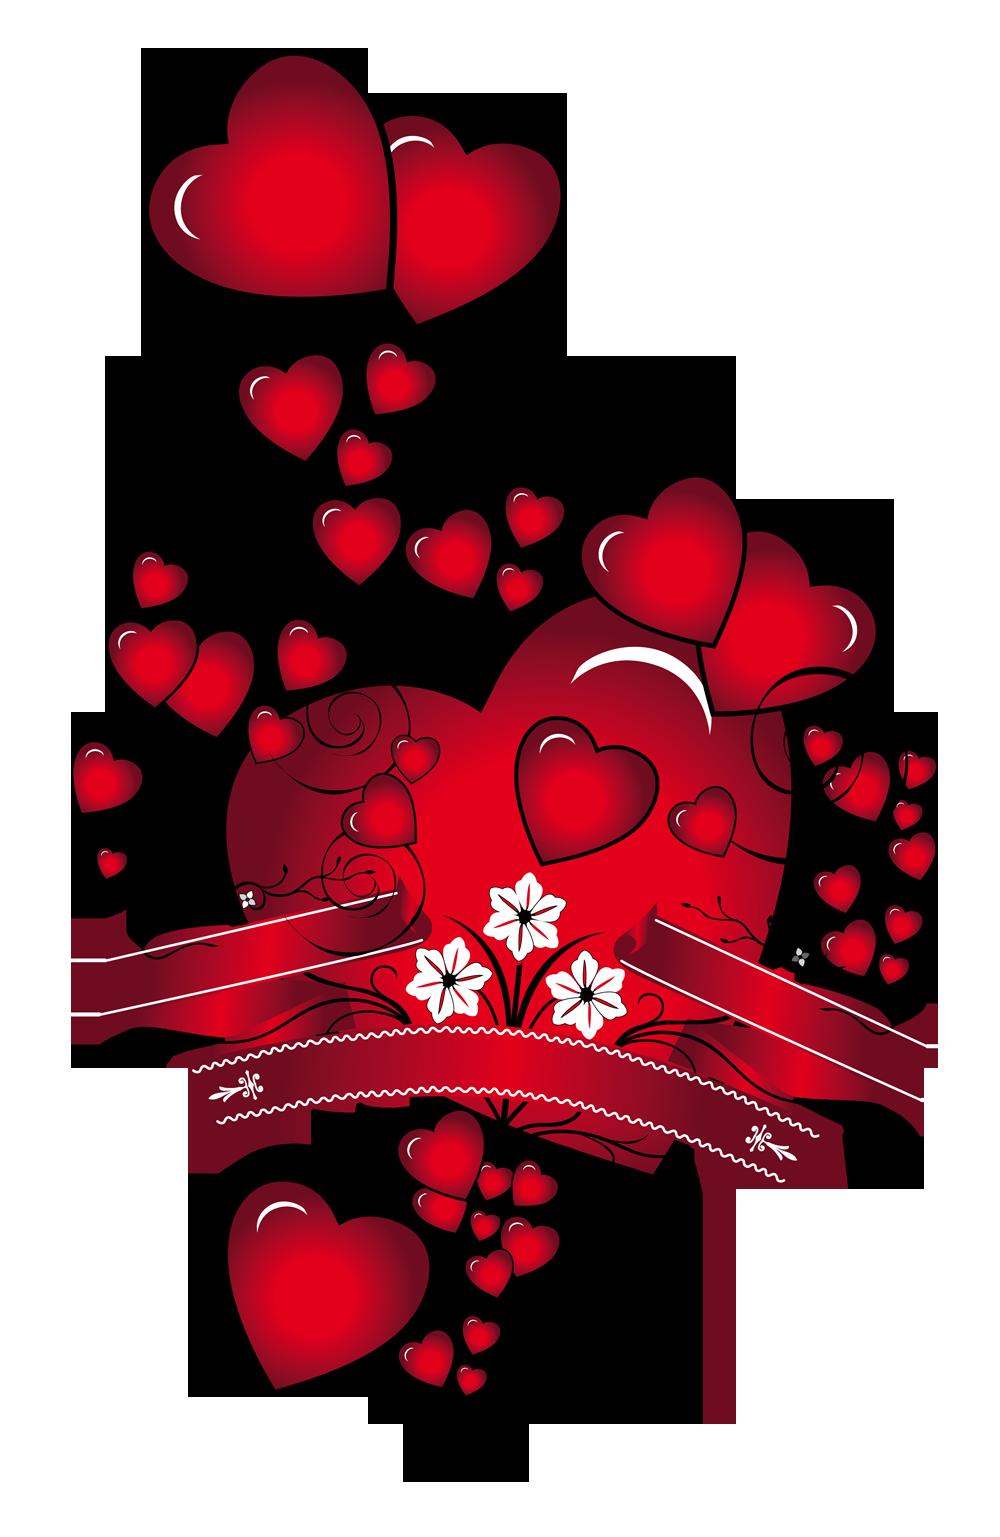 Поздравления днем, открытки прикольные сердечки